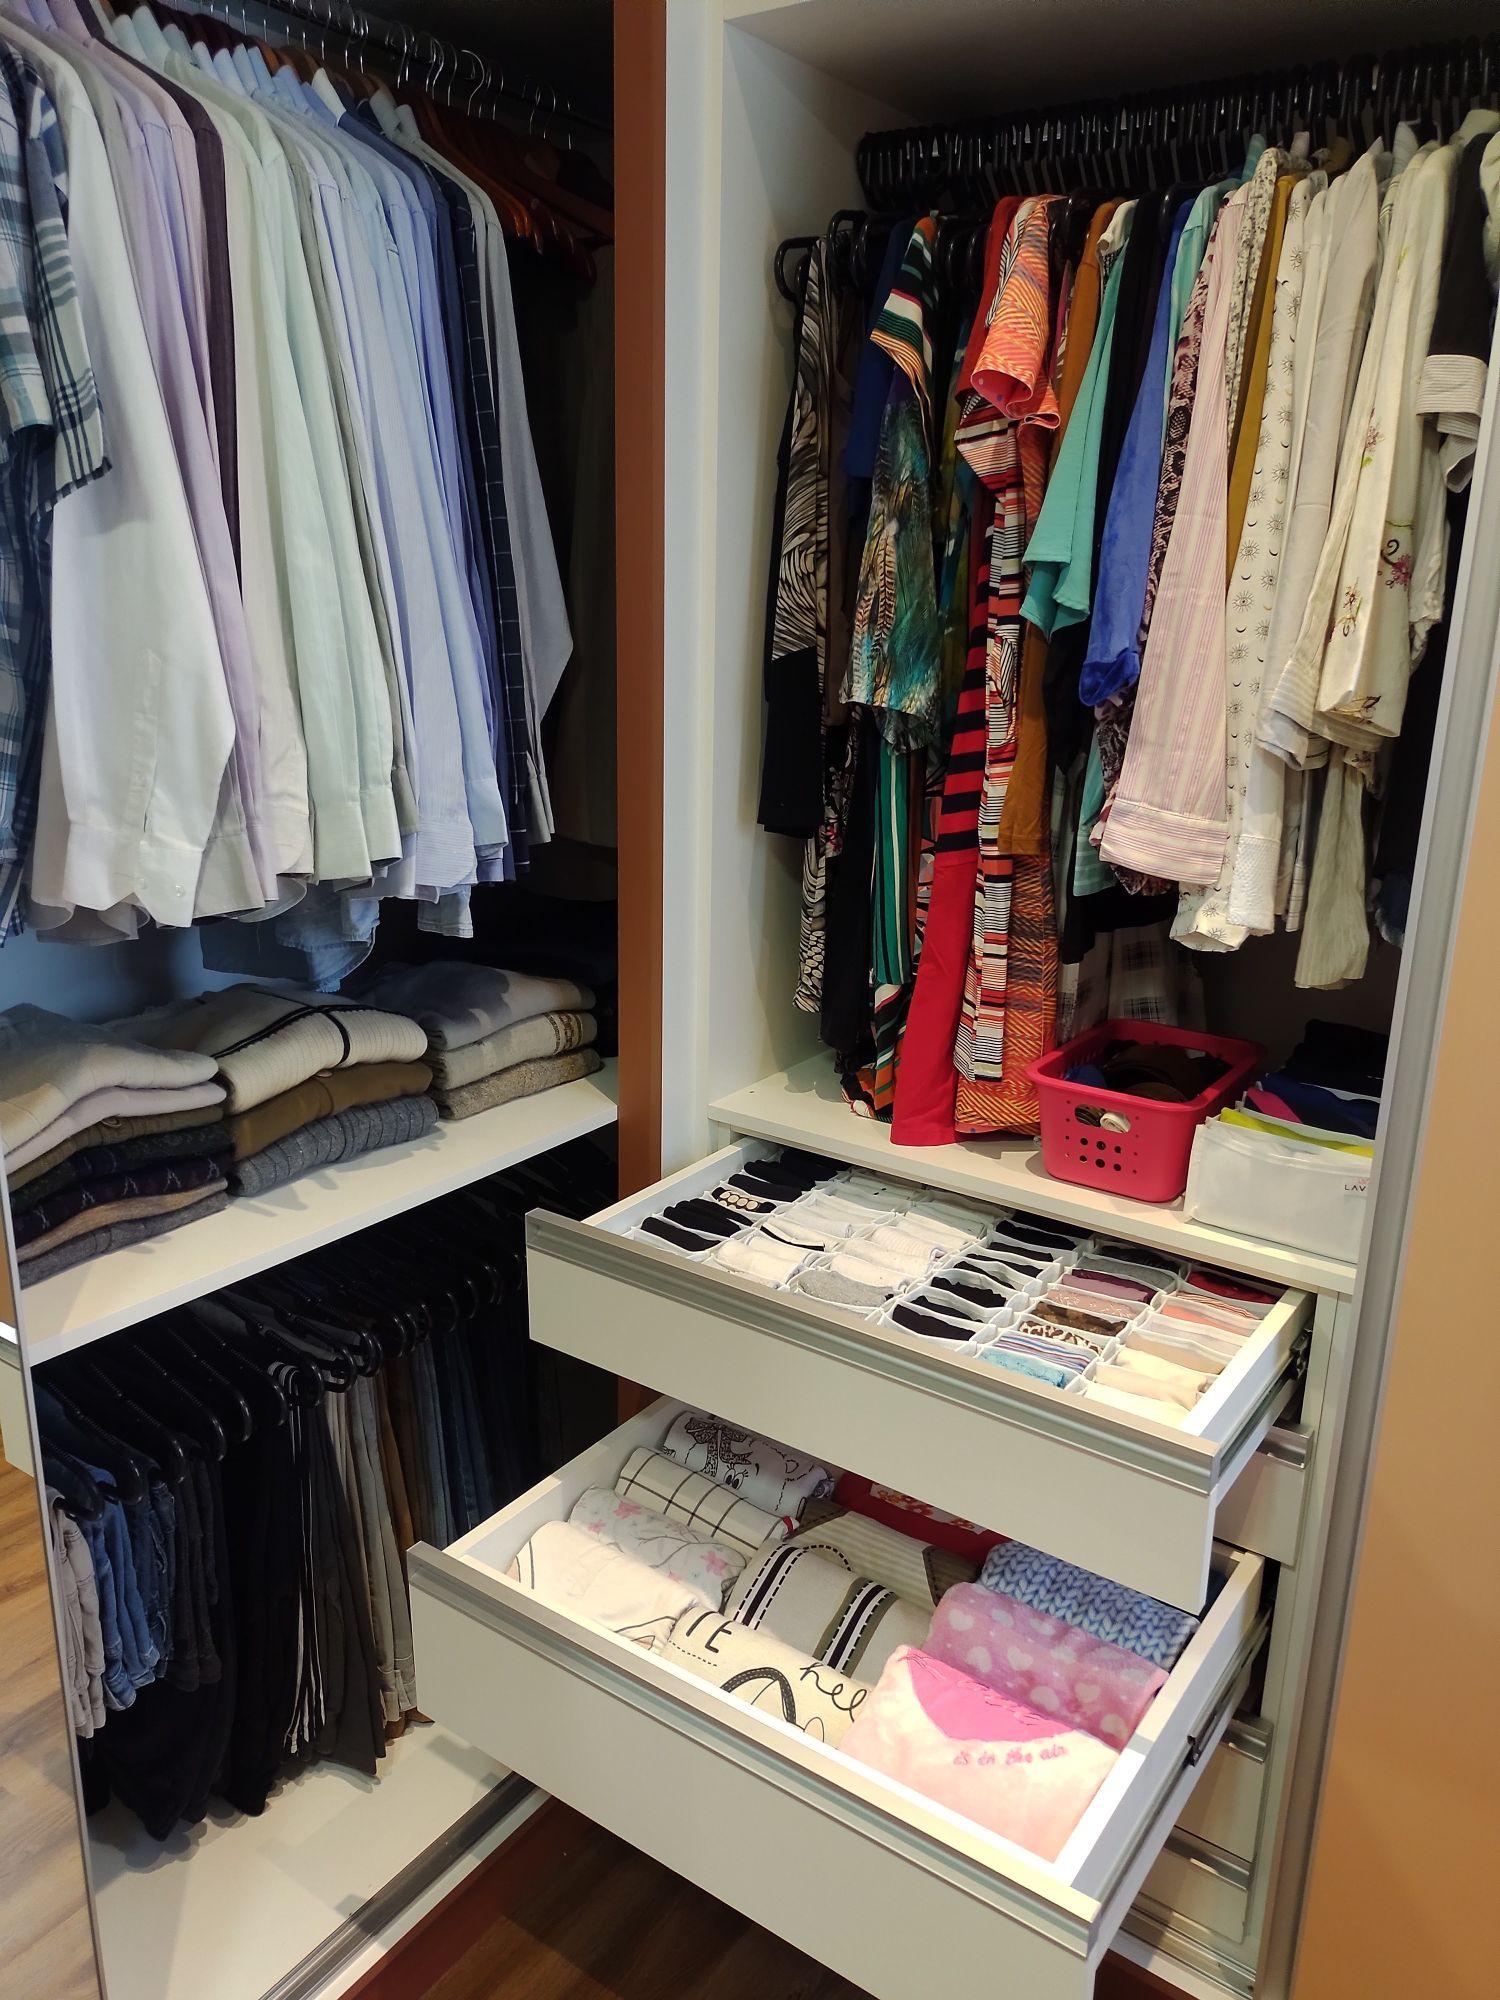 Closet Casal - Organização Residencial